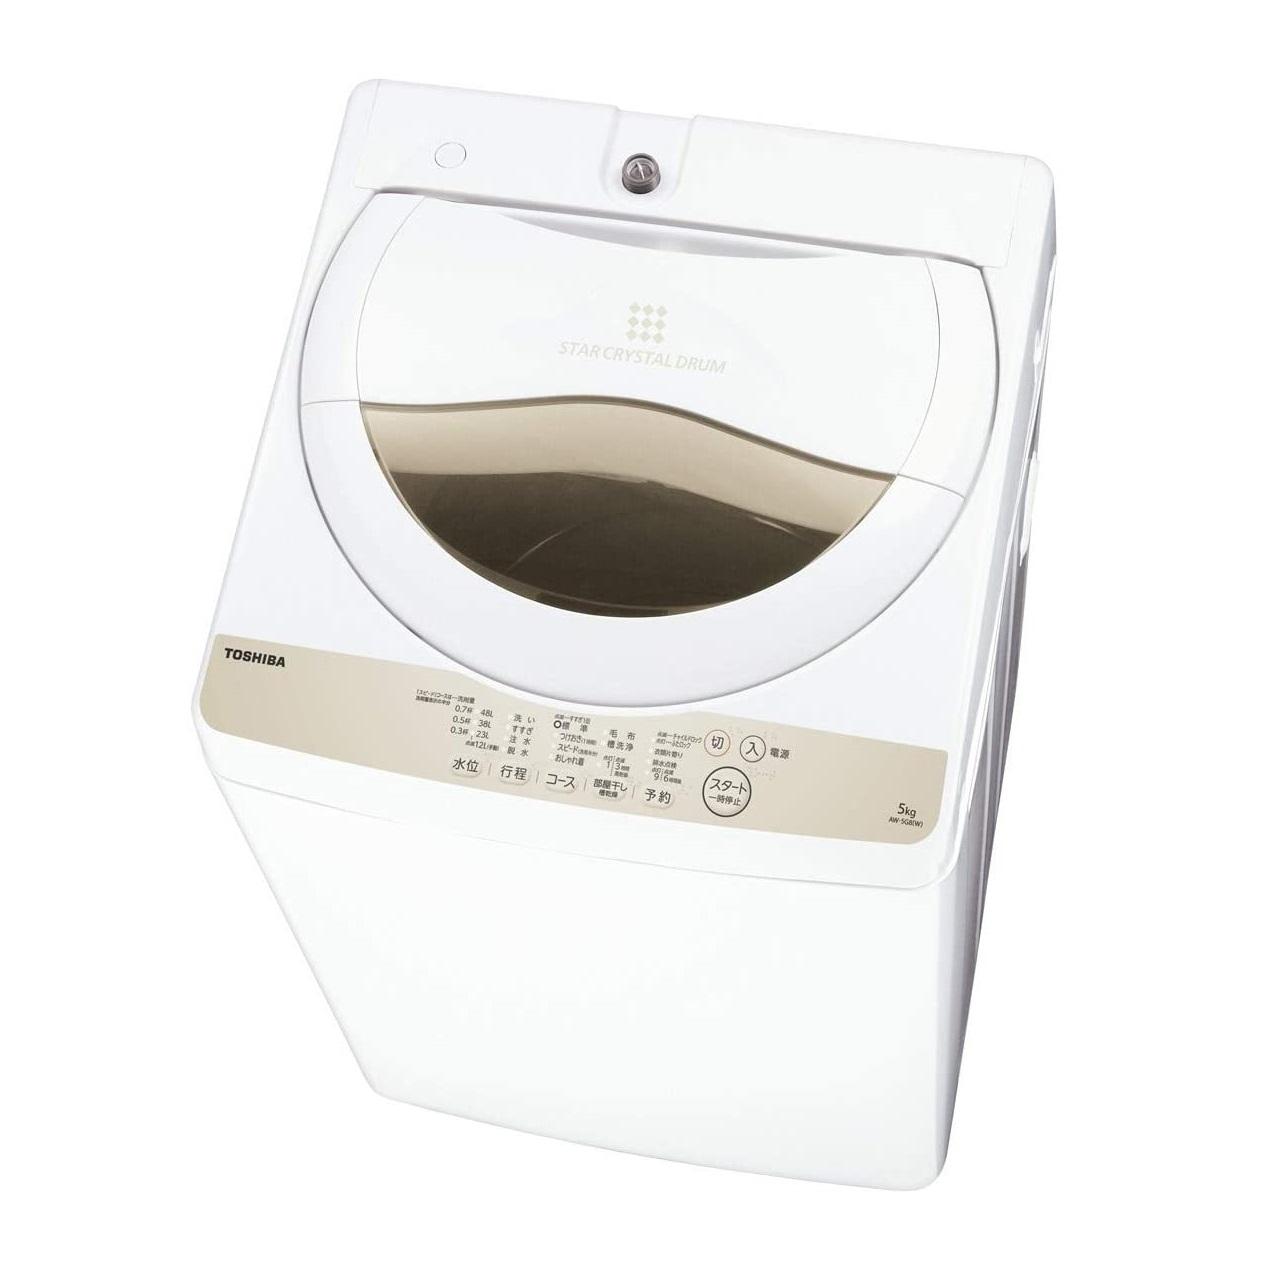 東芝AW-5G8全自動洗濯機